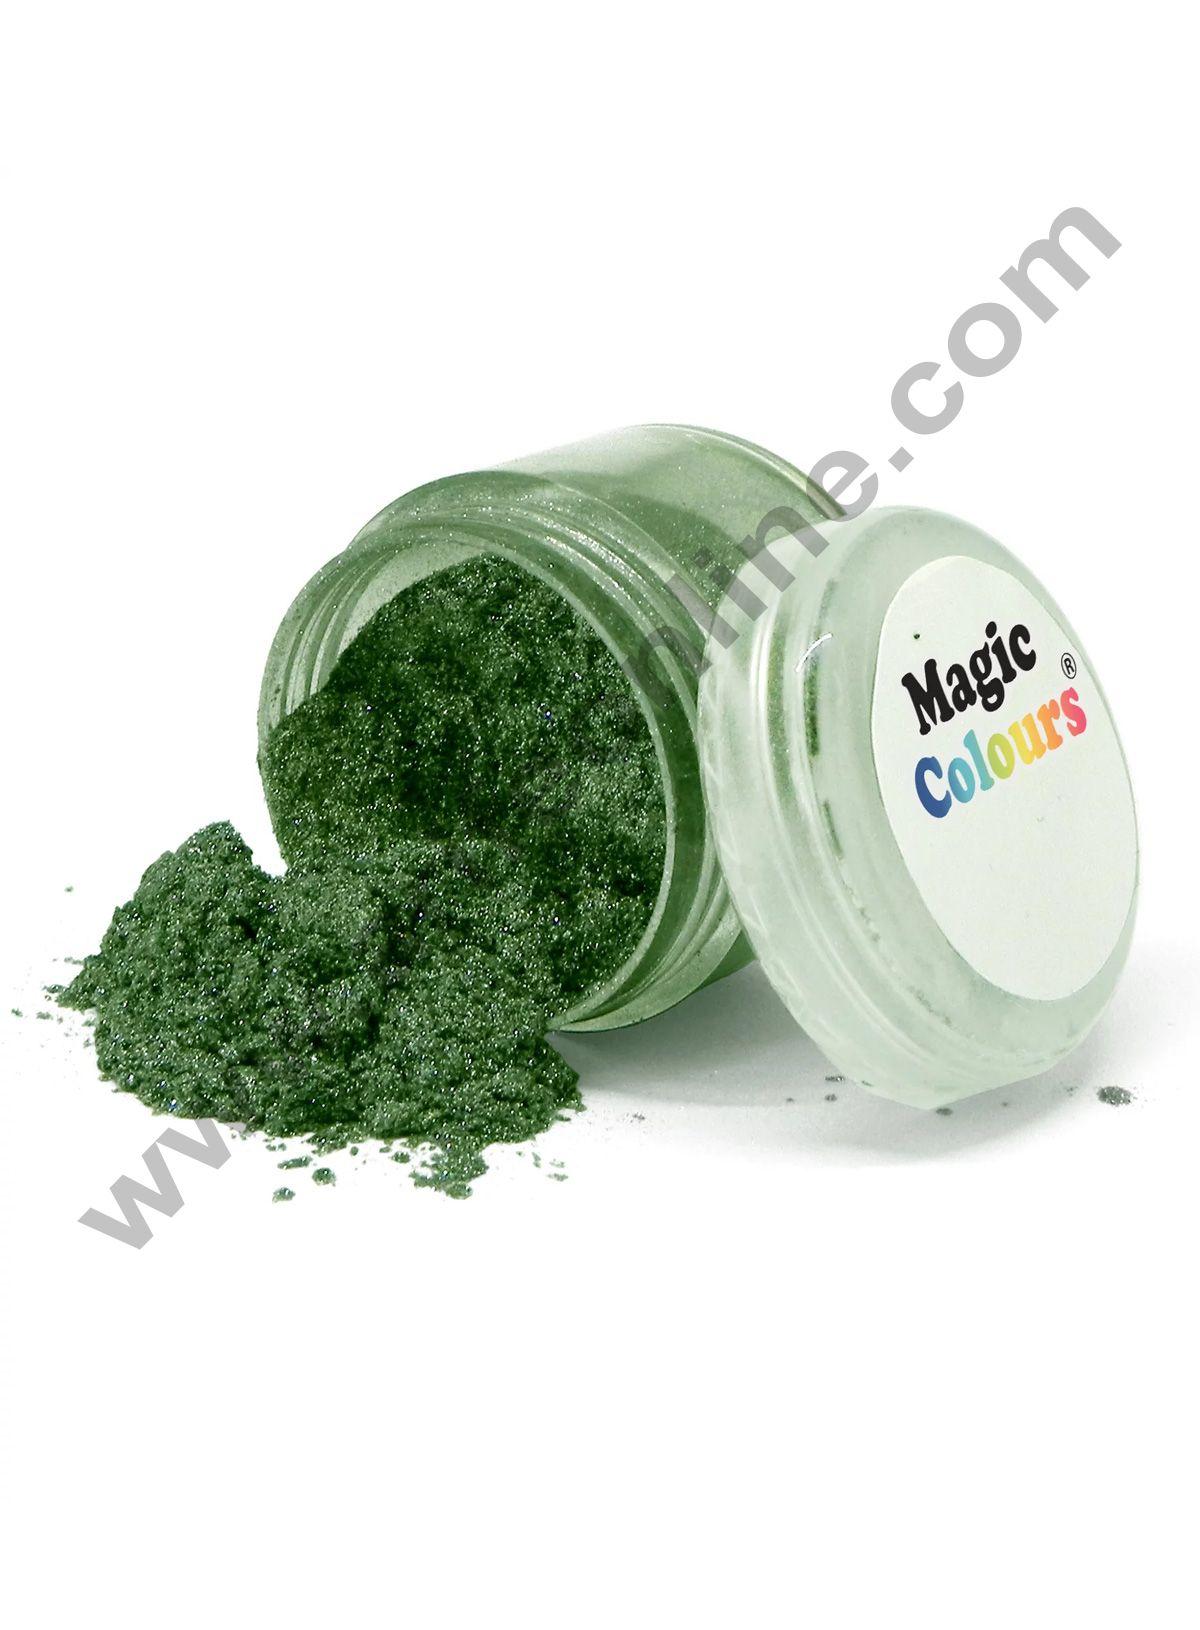 Magic Colours™ Edible Lustre Dust - Mystic Forest (8 ml)